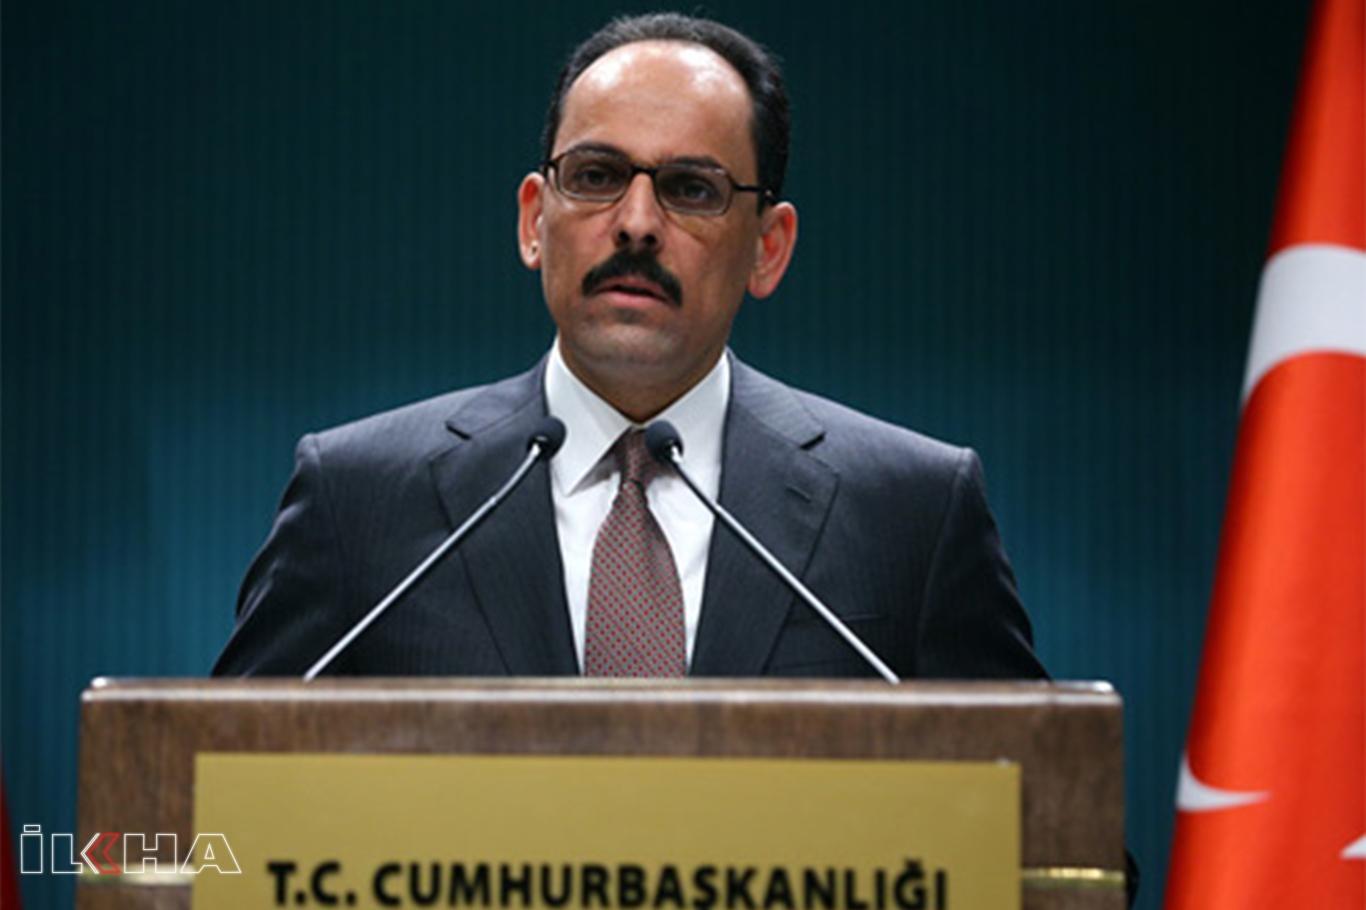 Cumhurbaşkanlığı Sözcüsü Kalın, Kabine Toplantısı sonrası açıklamalarda bulundu.